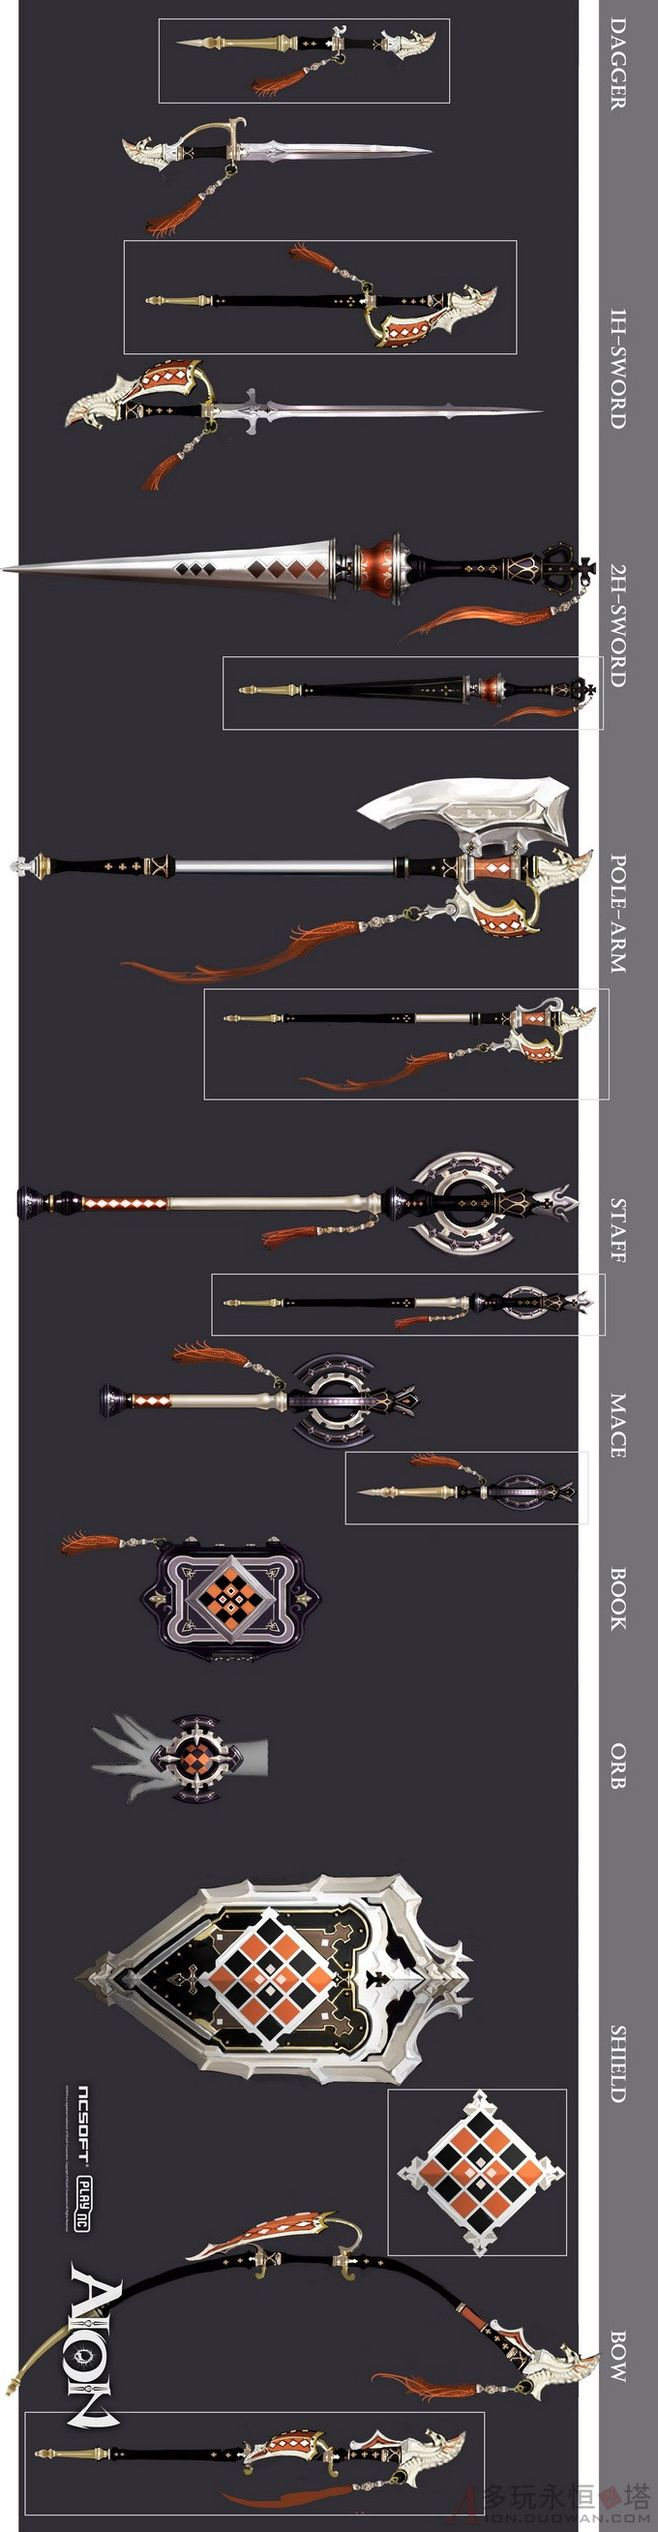 Weapon - referencias para dibujar armas, parecidas pero no las mismas